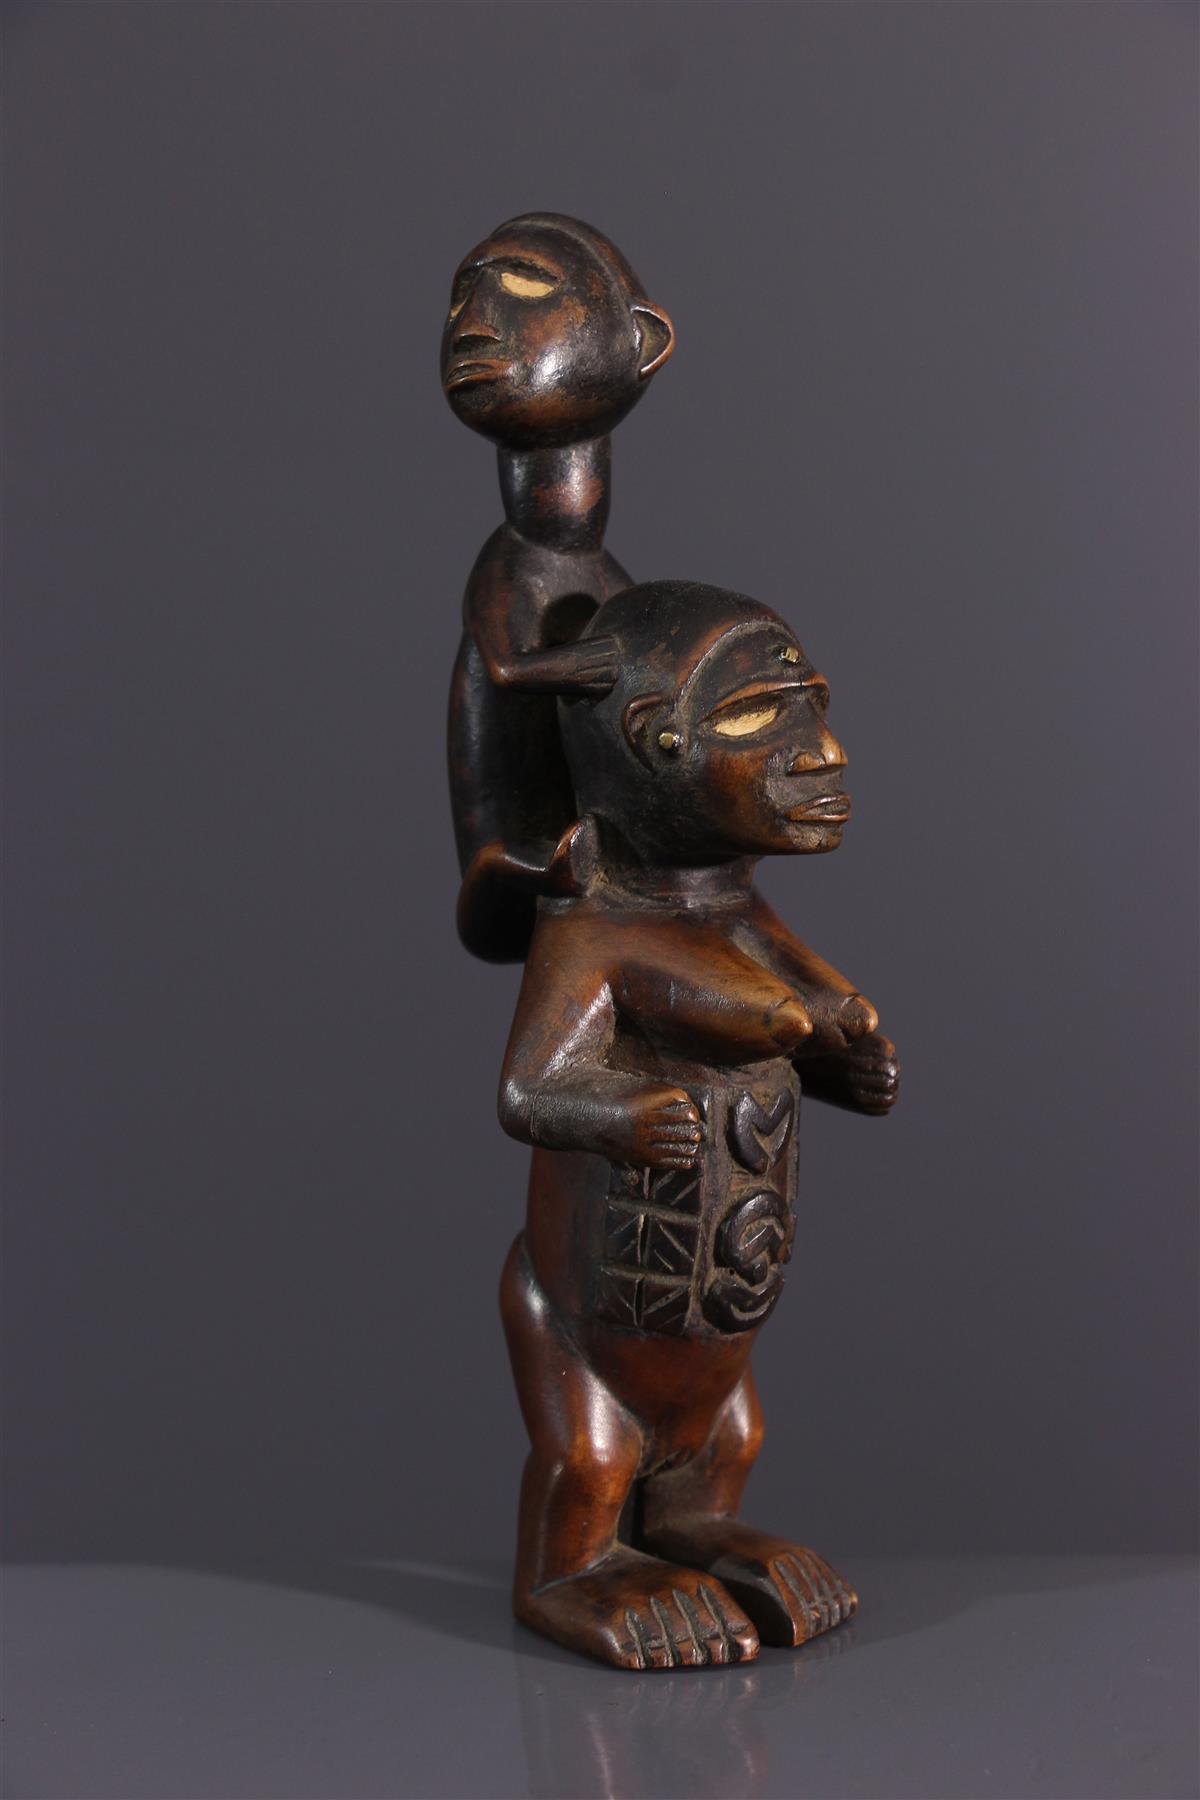 Statuette Bembe - Art africain